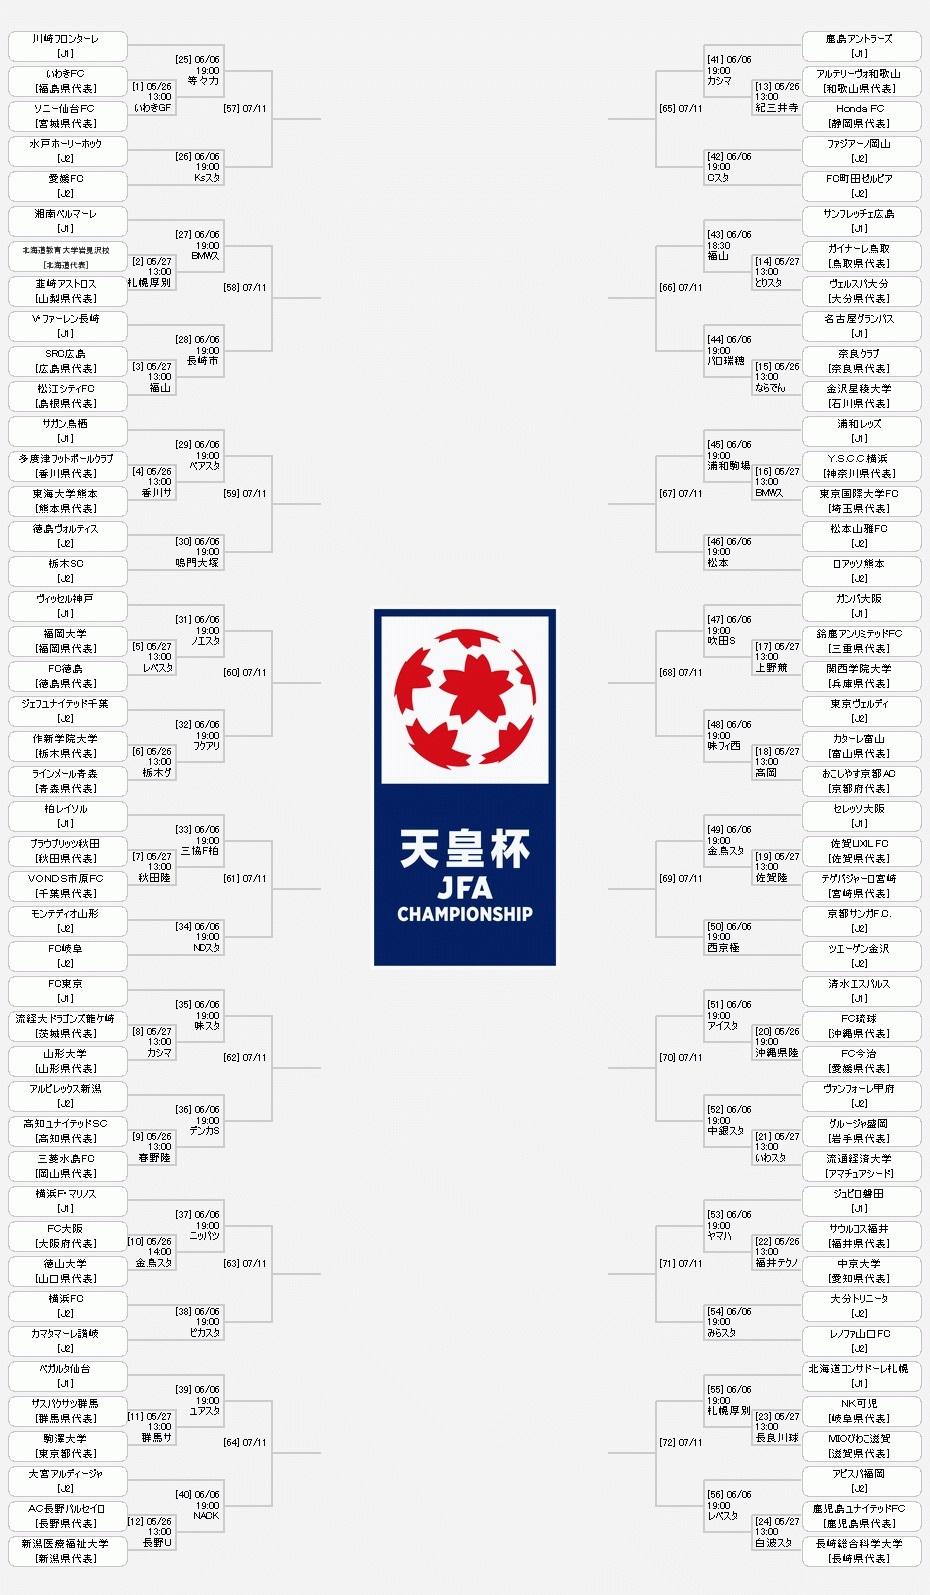 『天皇杯 JFA 第98回全日本サッカー選手権大会』の組み合わせ表